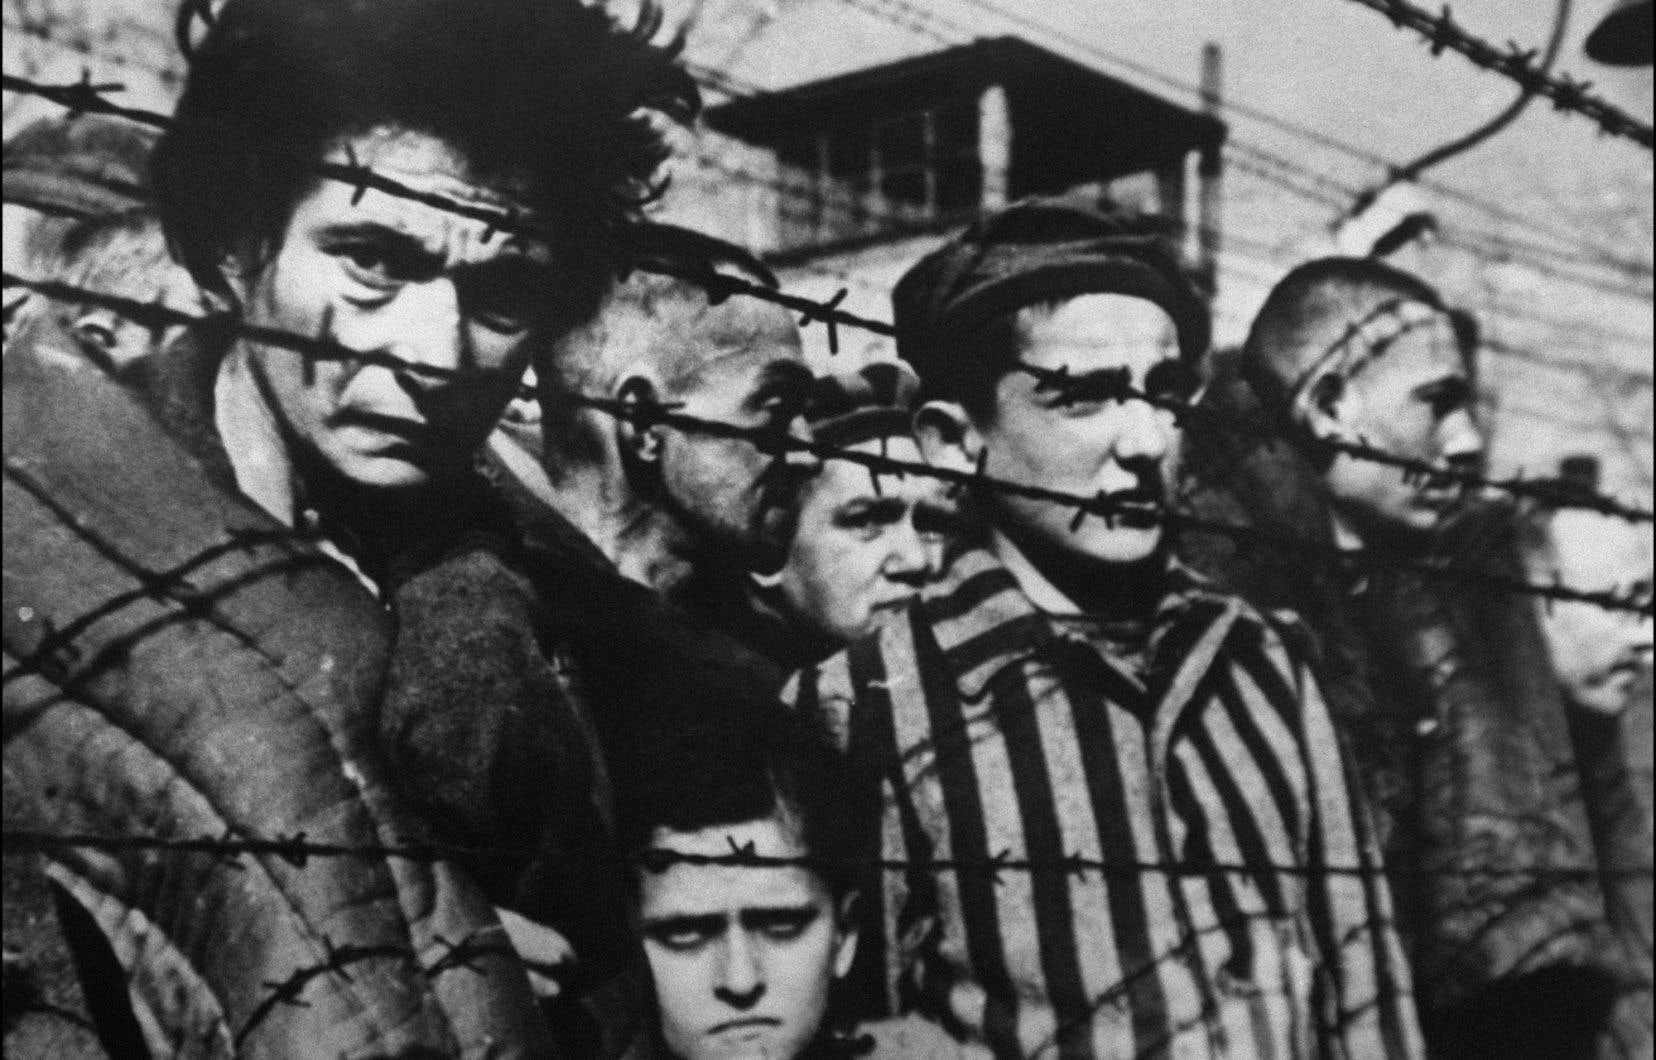 Levi a affirmé dans une entrevue accordée en 1984 qu'à Auschwitz, la volonté de raconter, d'écrire, lui avait permis de tenir bon.